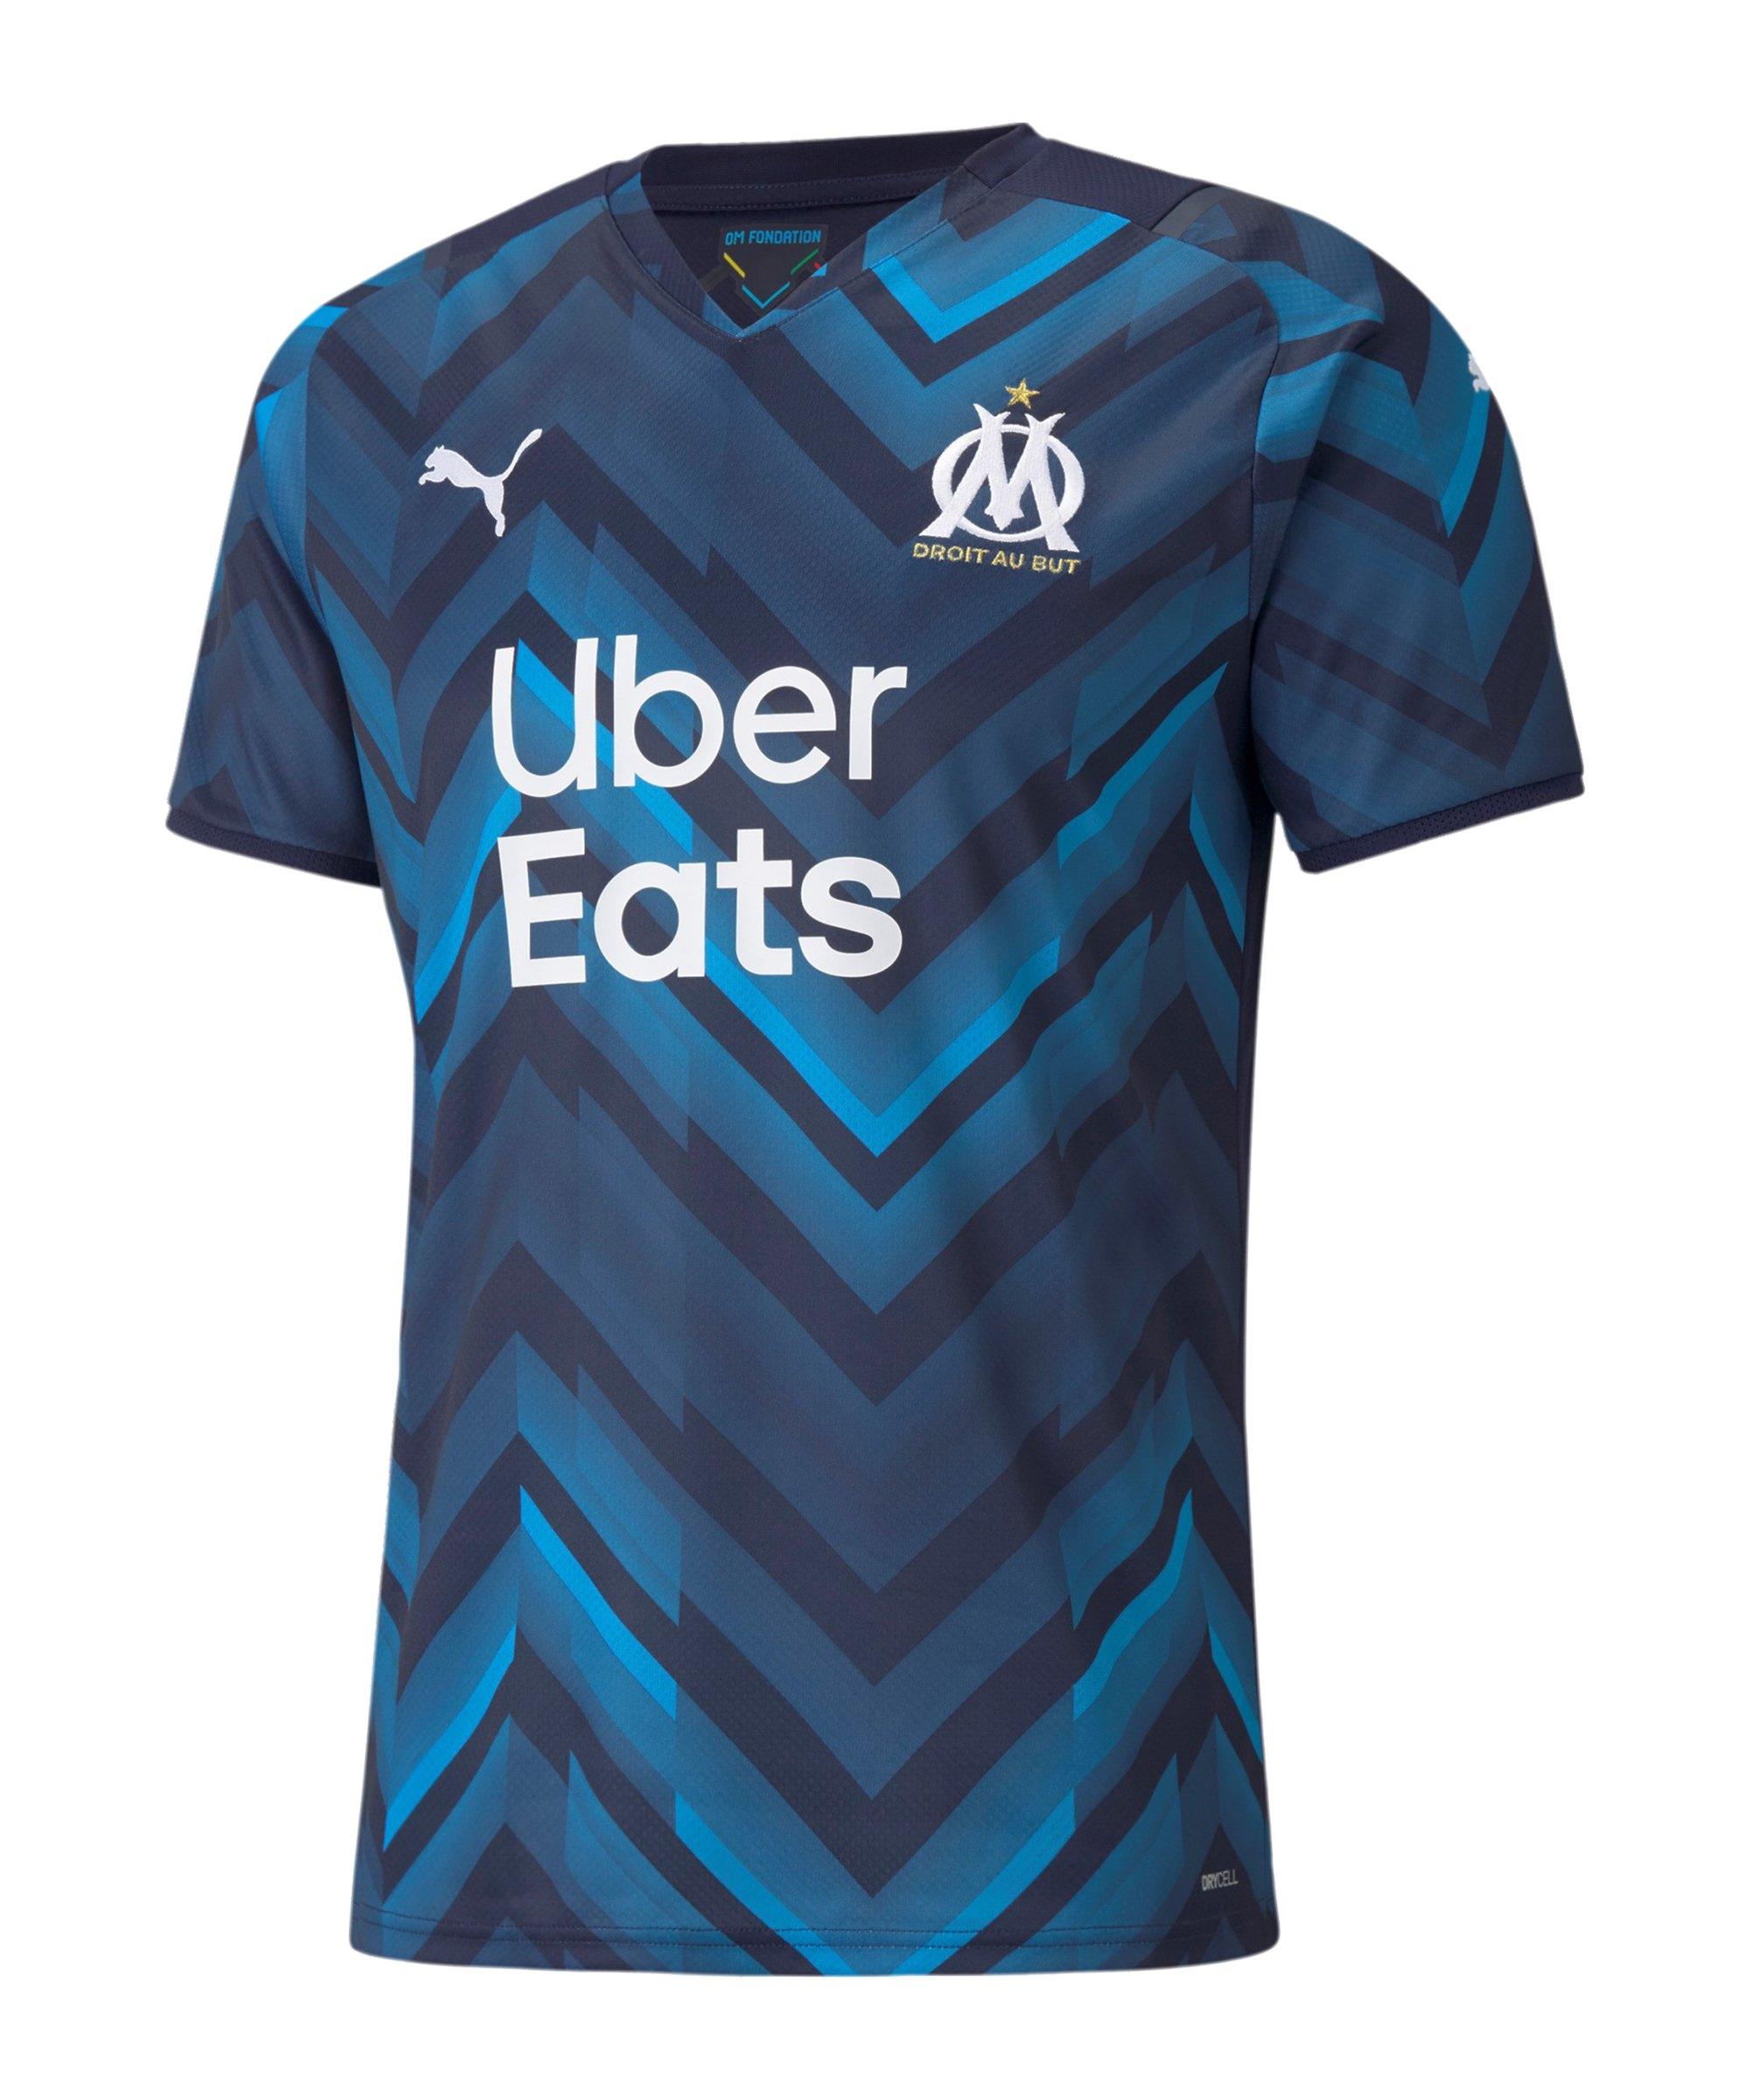 PUMA Olympique Marseille Trikot Away 2021/2022 Blau F02 - blau